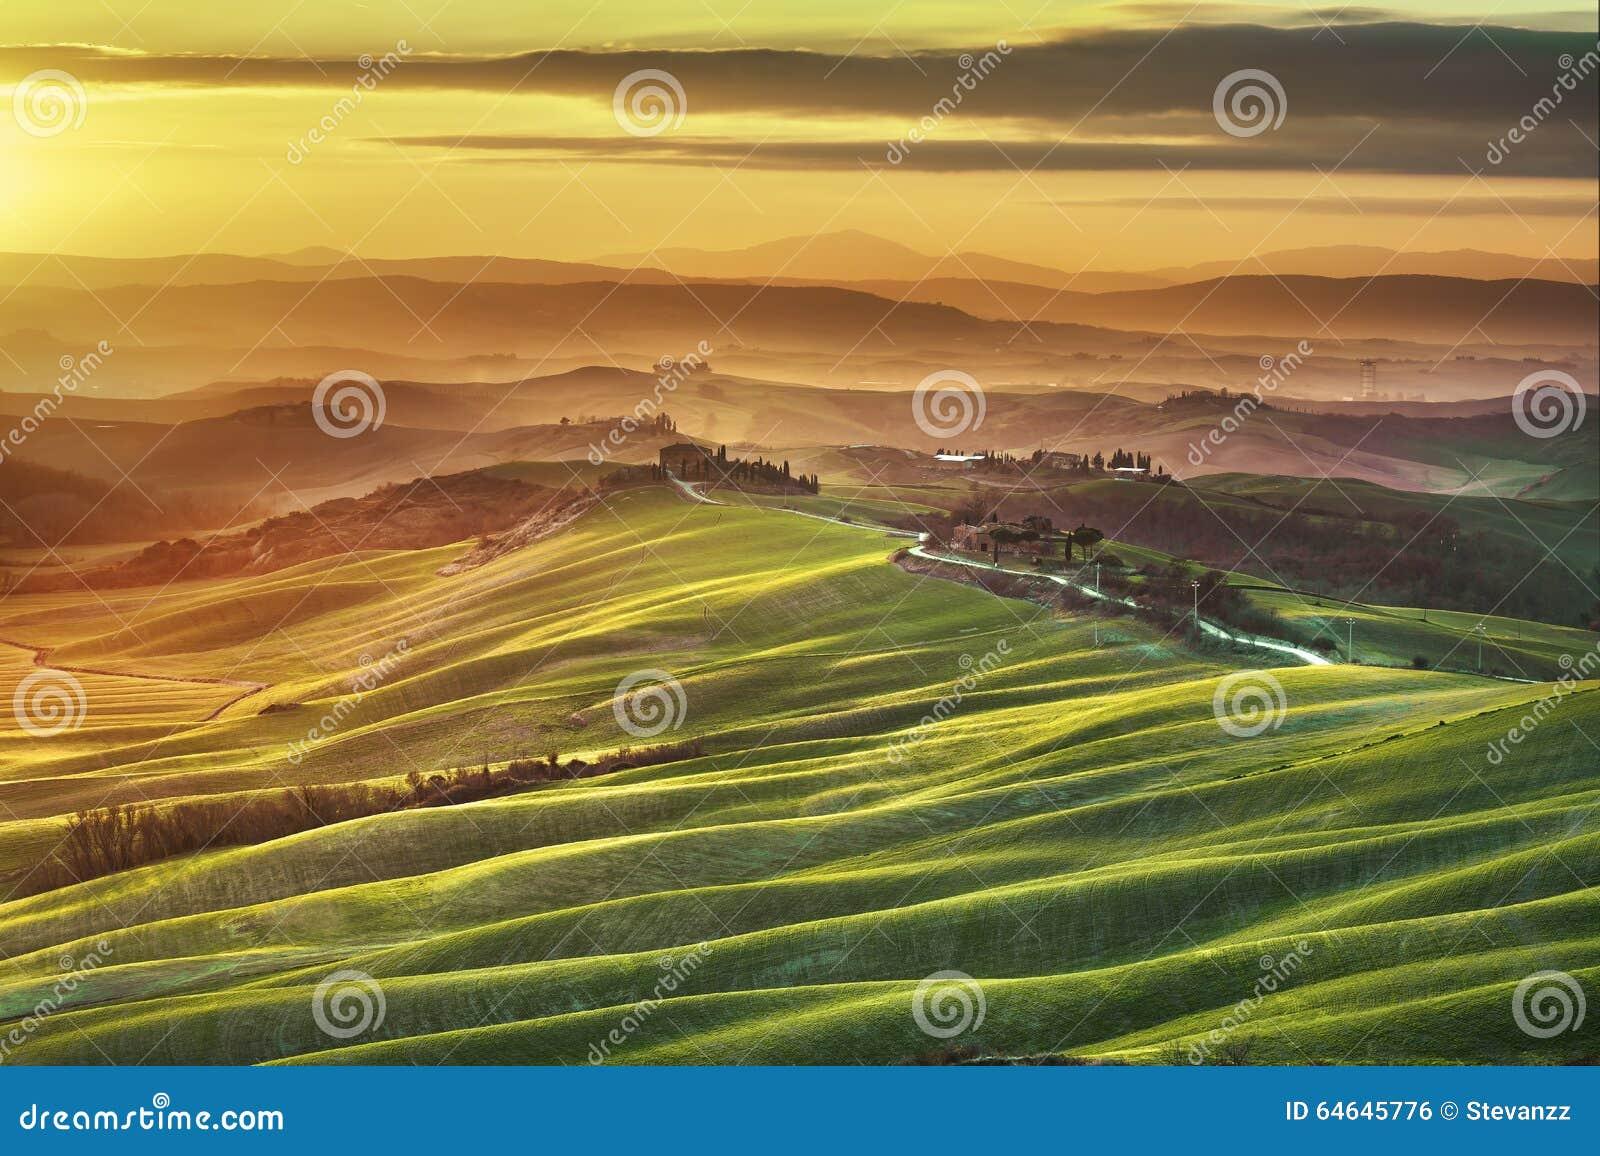 Tuscany wiosna, toczni wzgórza na mglistym zmierzchu krajobrazu wiejskiego